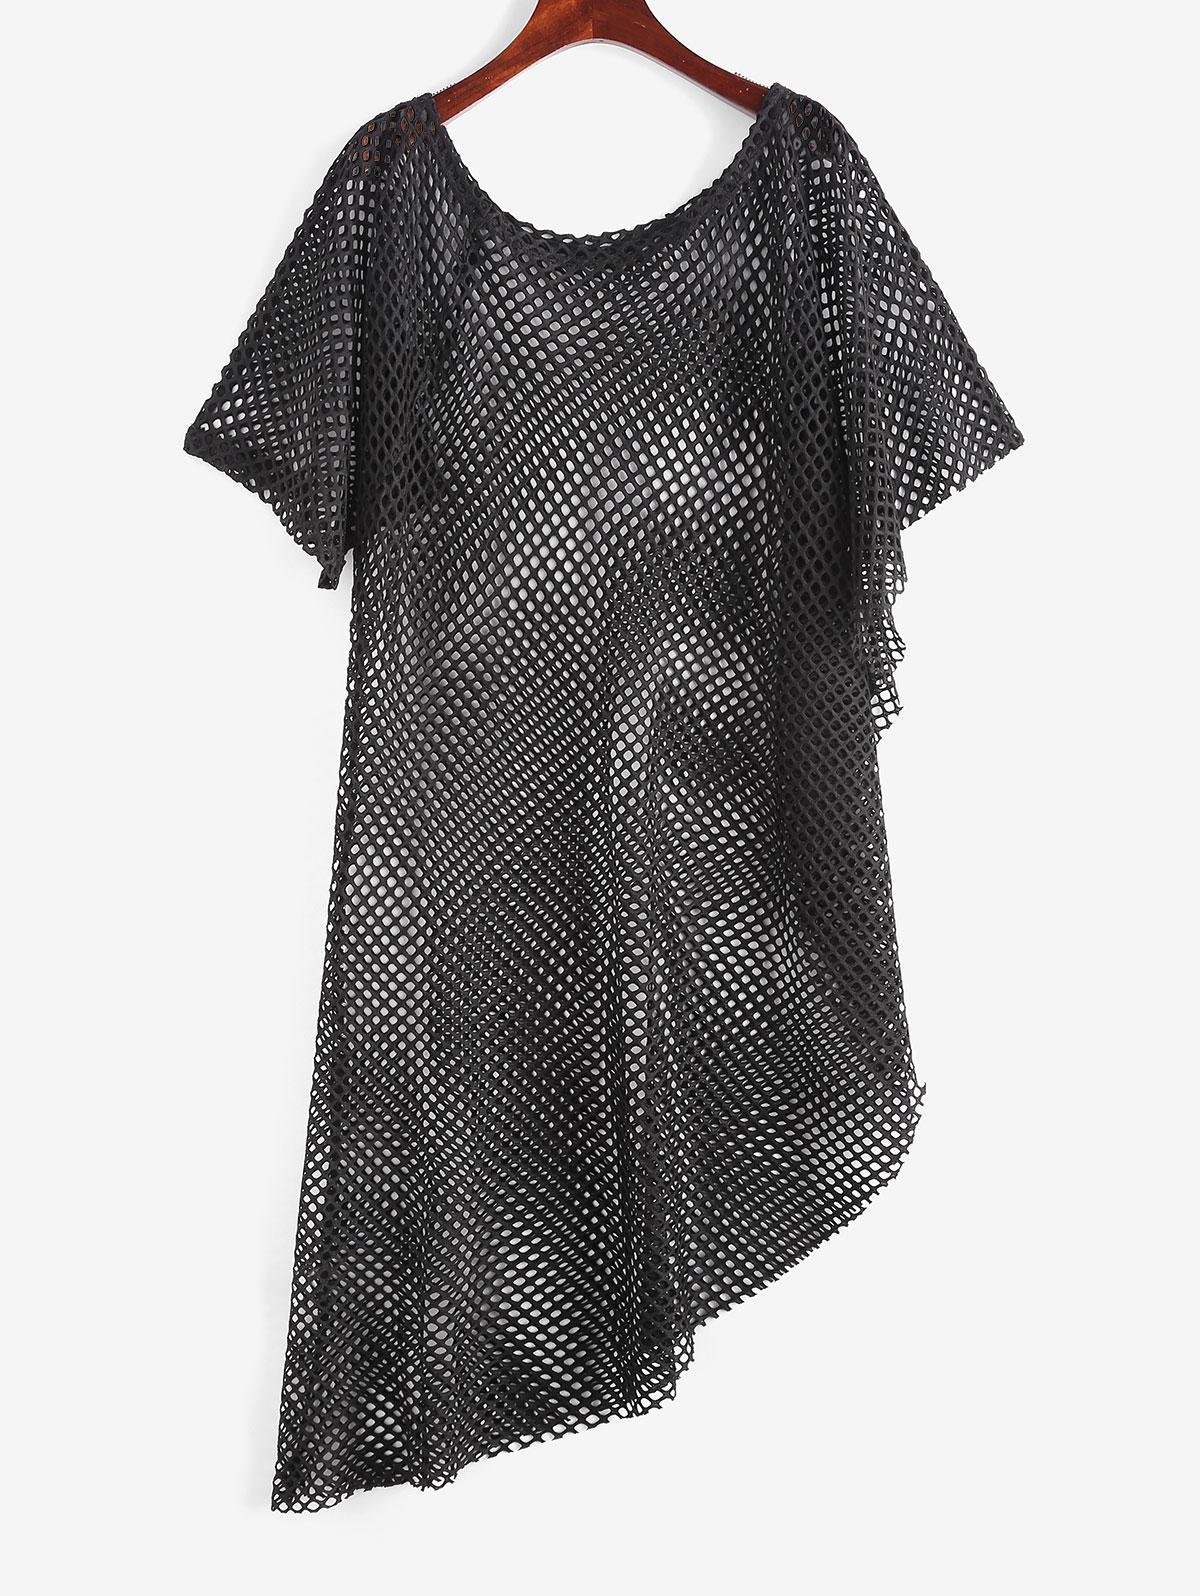 Openwork Uneven Hem Raw Cut Cover-up Dress